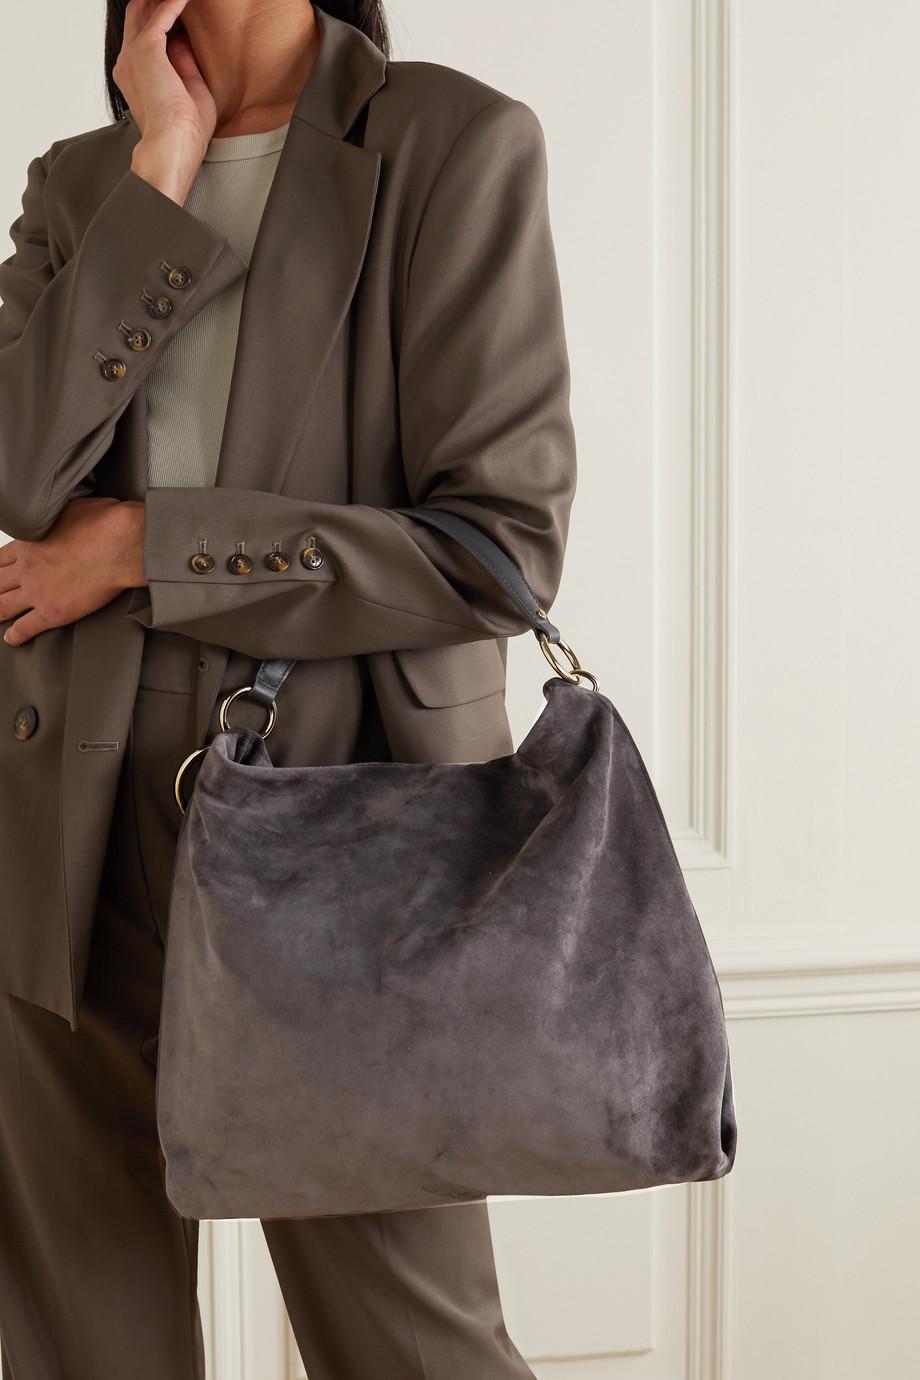 Jimmy Choo Callie Hobo große Schultertasche aus Veloursleder mit Lederbesatz und Troddel